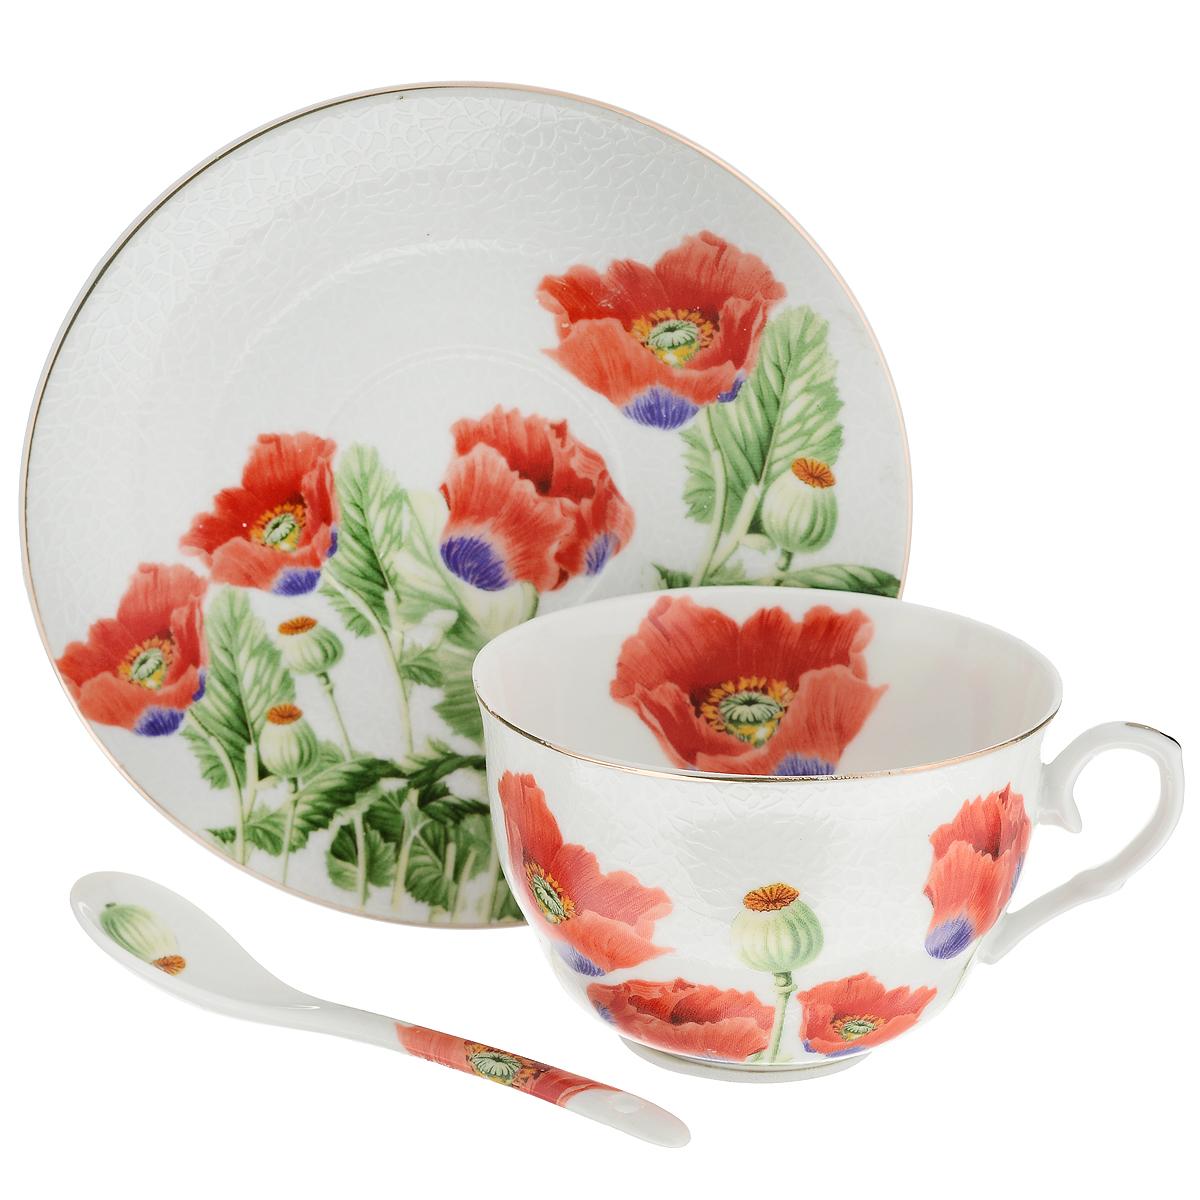 Набор чайный Briswild Цветы мака, 3 предмета545-364Чайный набор Briswild Цветы мака состоит из чашки, блюдца и чайной ложки. Изделия выполнены из высококачественного фарфора и оформлены красочным цветочным рисунком. Изящный набор красиво оформит стол к чаепитию и станет приятным подарком к любому случаю. Не использовать в микроволновой печи. Не применять абразивные моющие средства.